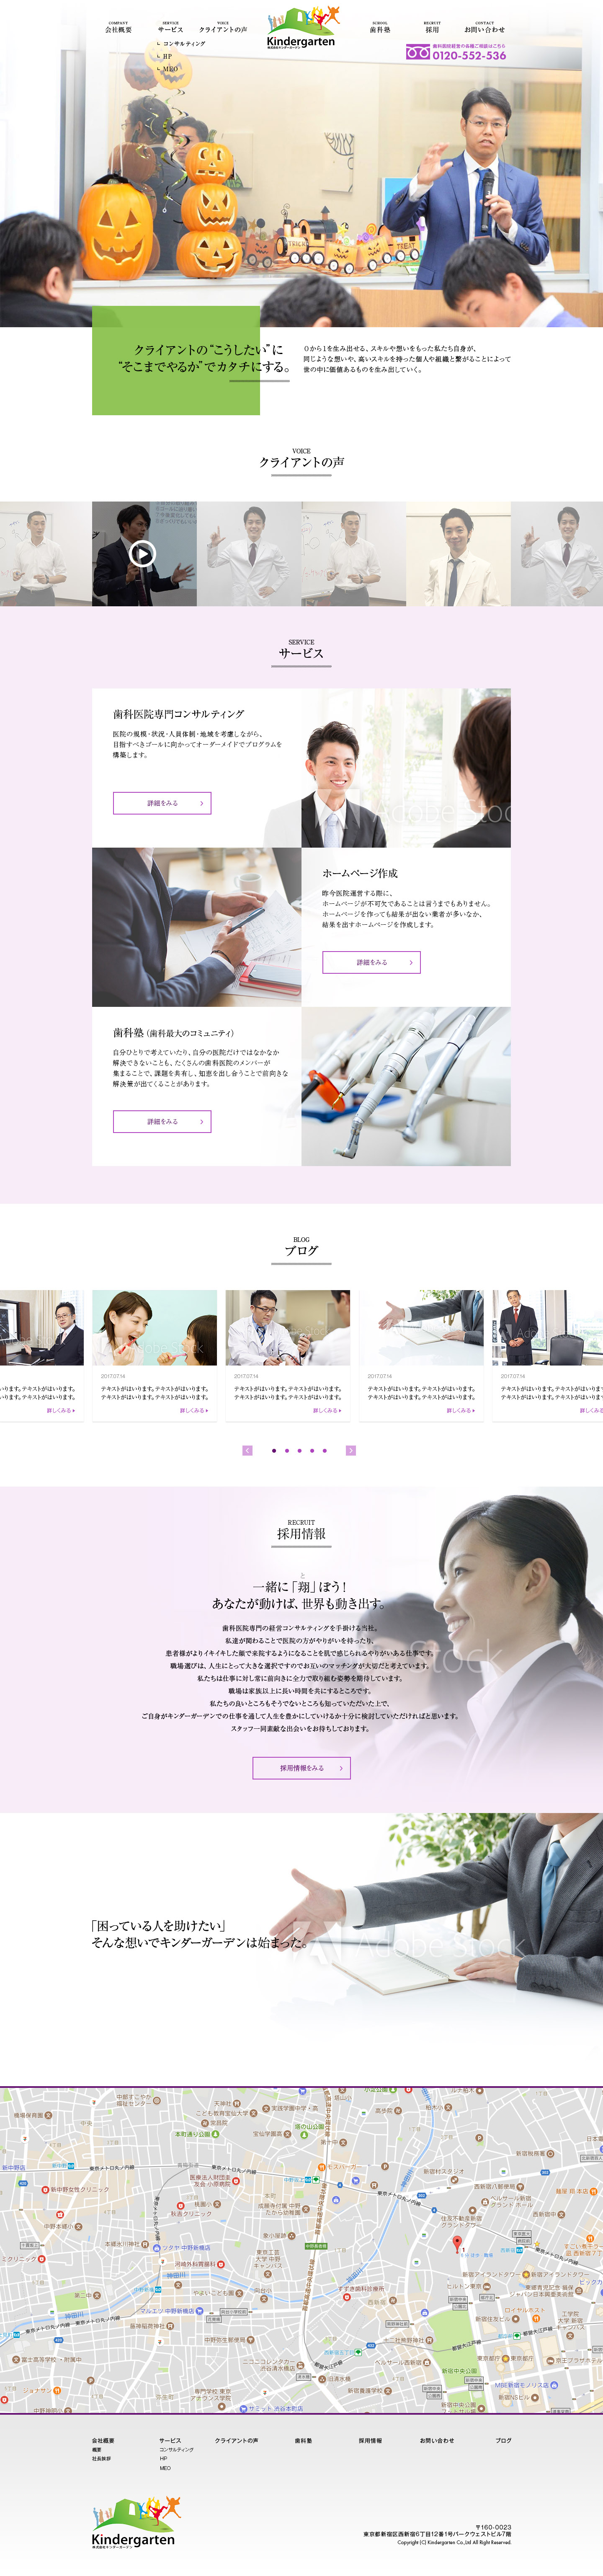 \サイトリニューアル(歯科院専門コンサルティング)のWEBデザイン